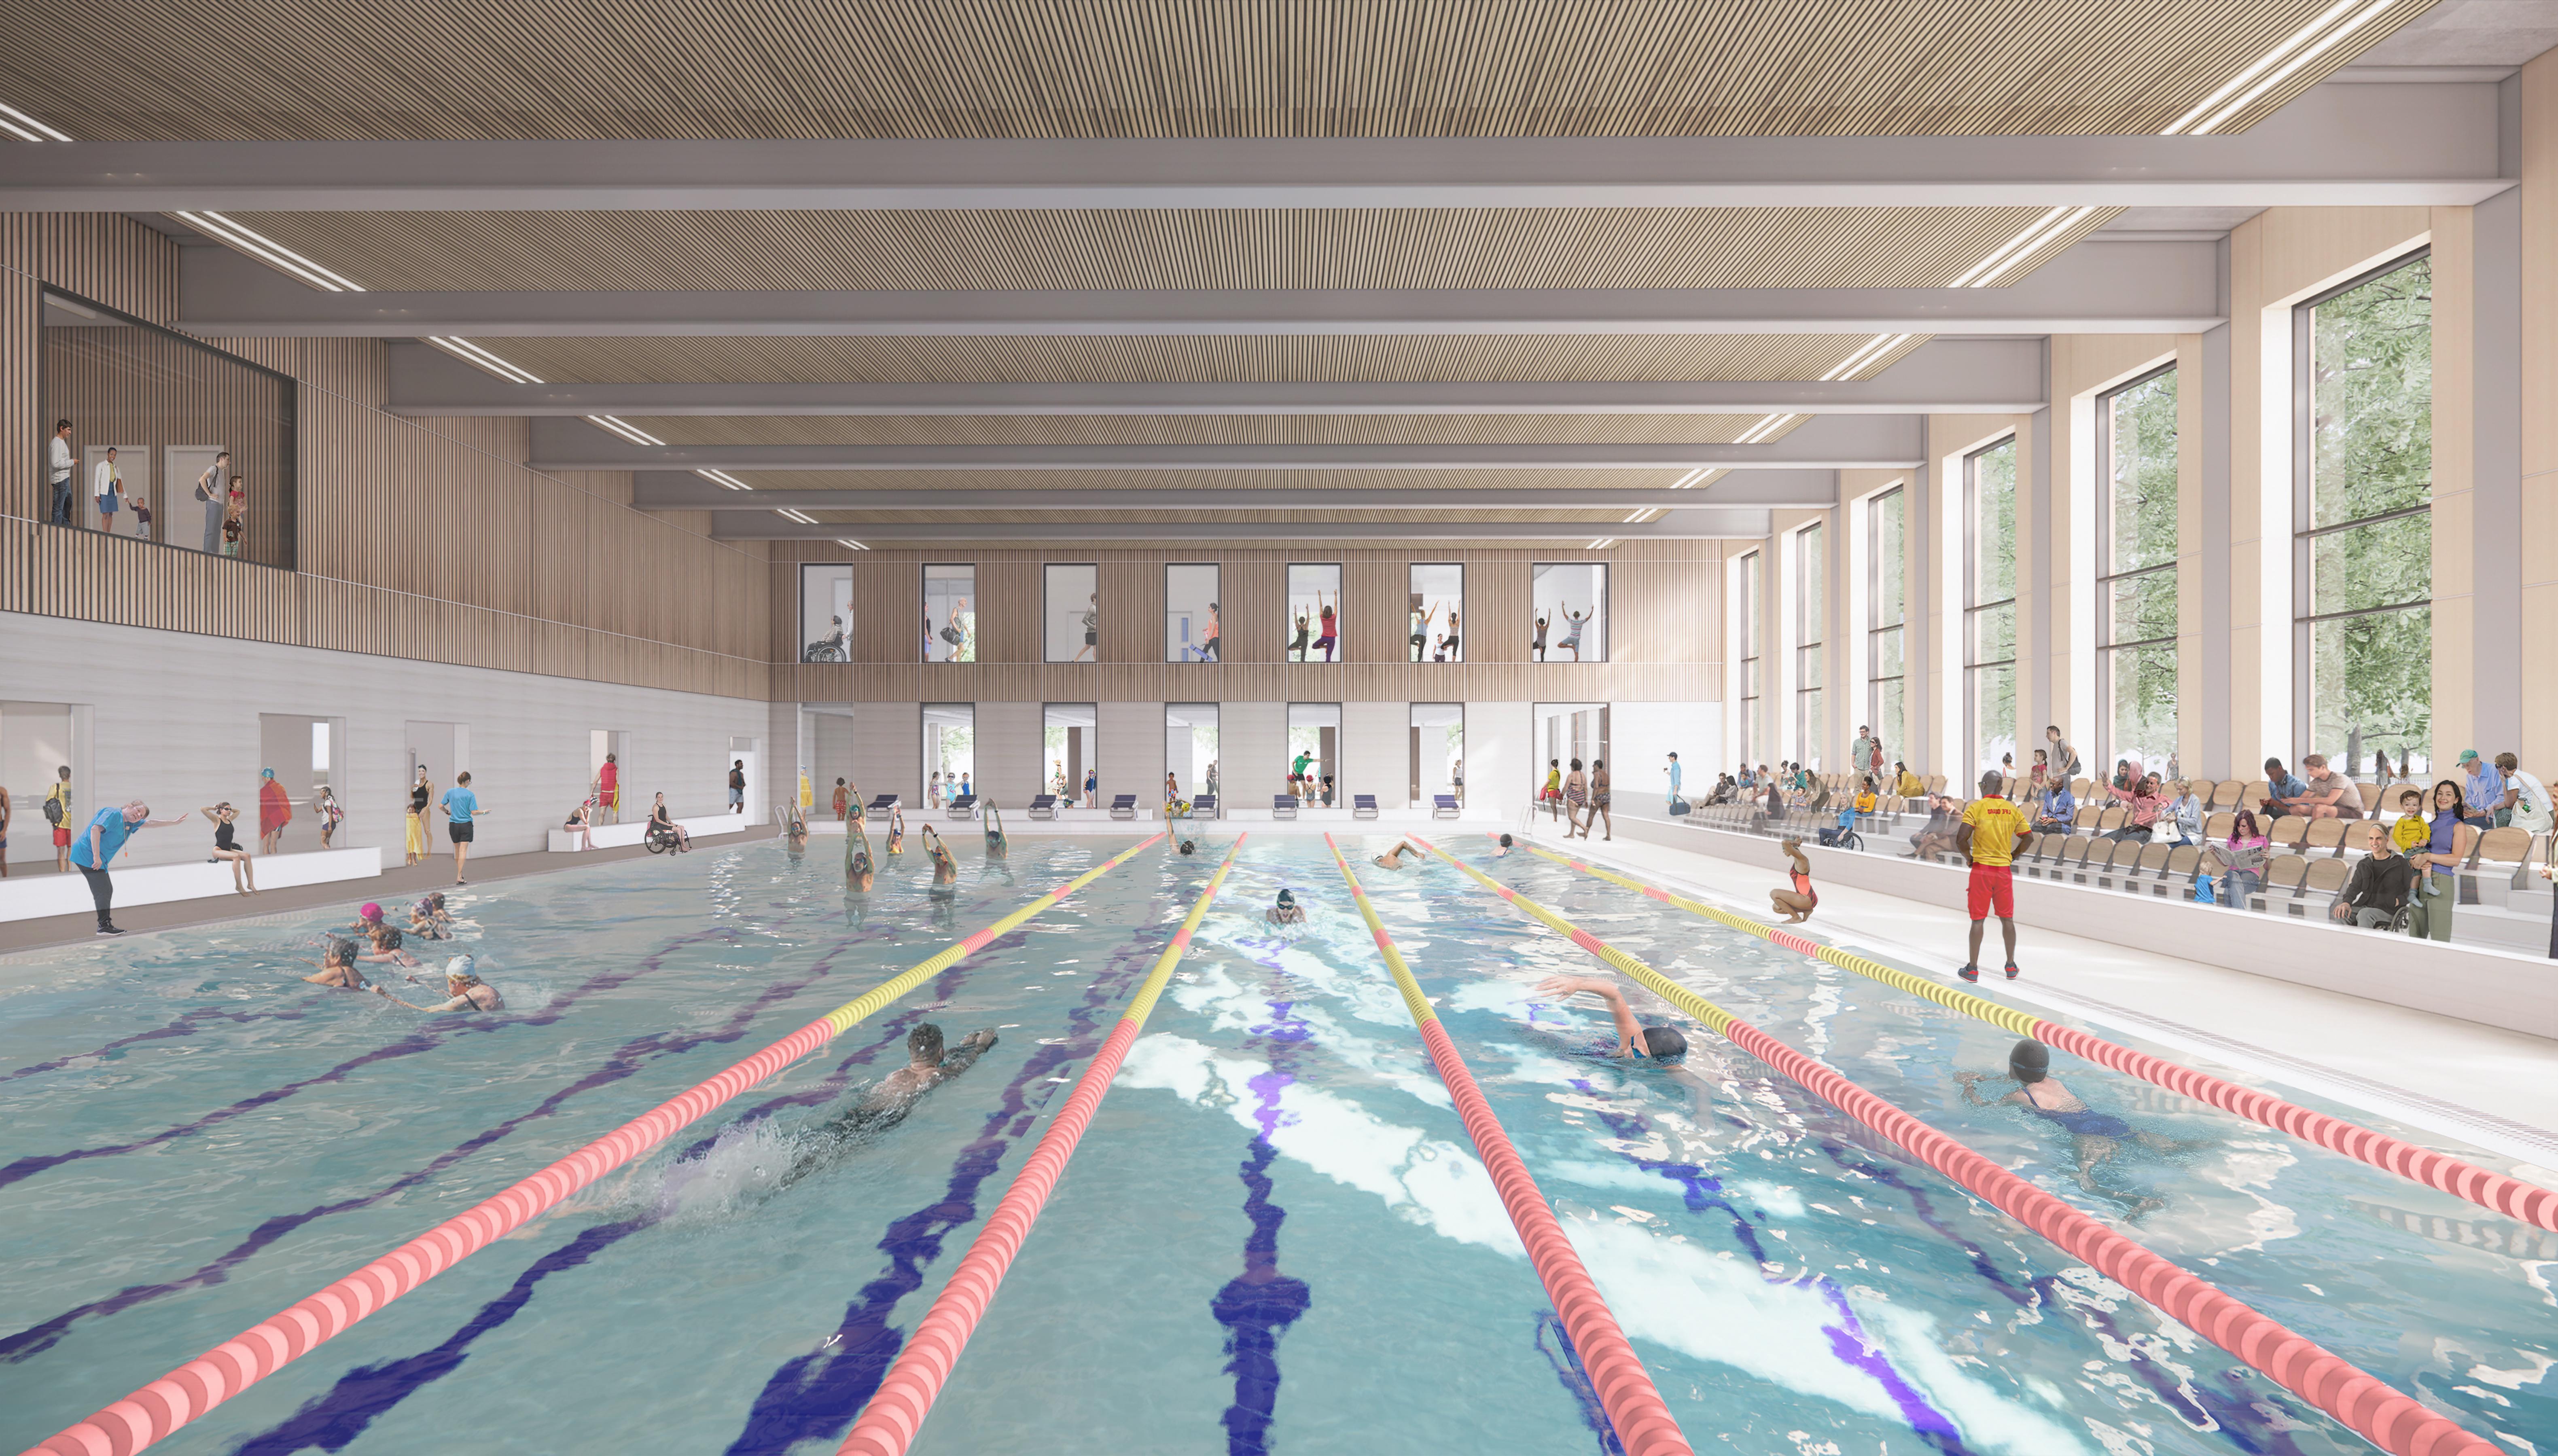 Kingston Leisure Centre Main Pool Hall Cgi Visualisation Lhw